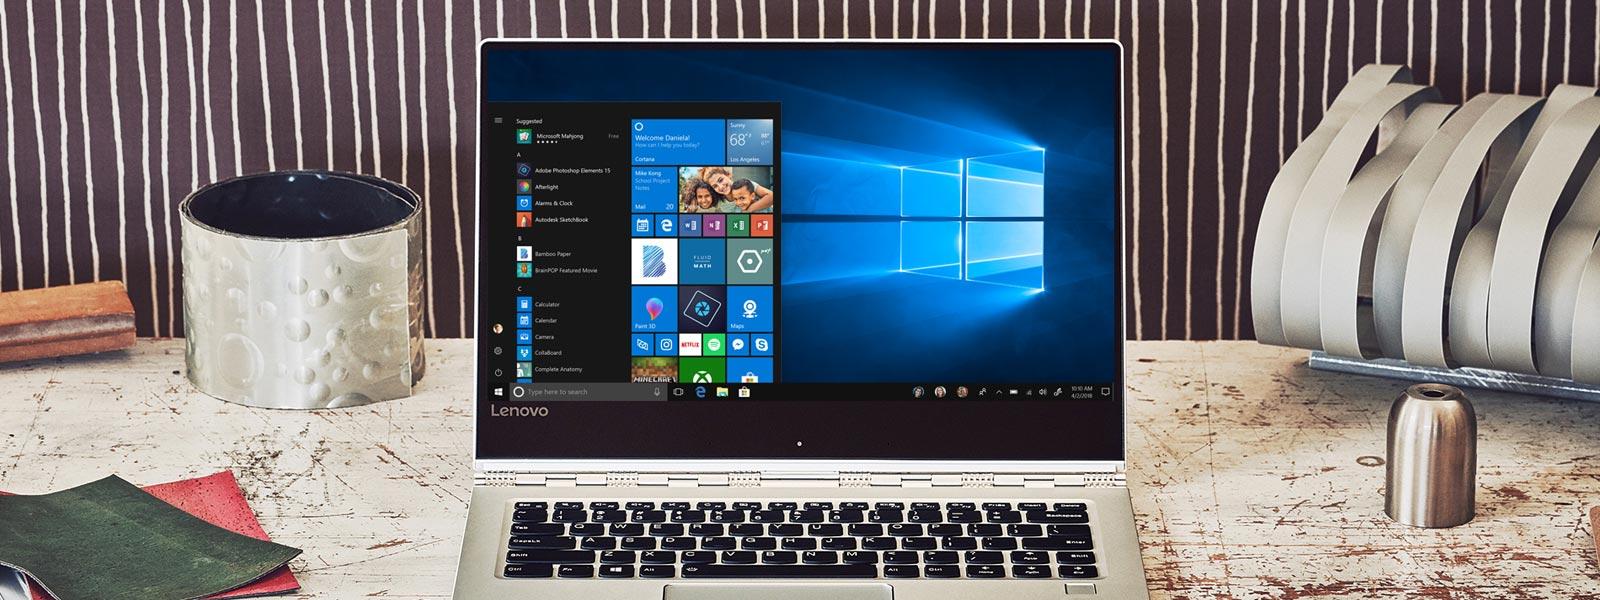 Laptop auf einem Schreibtisch, der Startbildschirm von Windows10 wird angezeigt